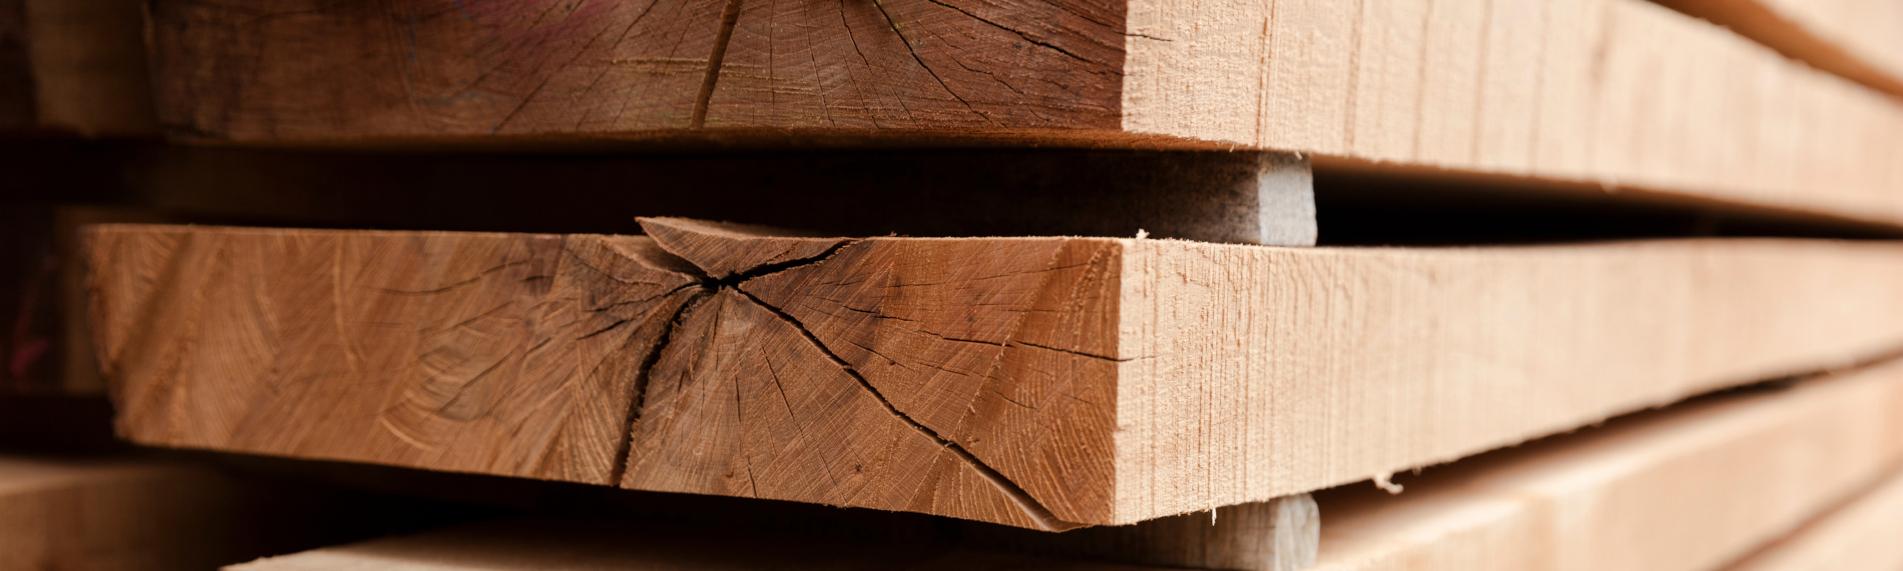 Luftbefuktning och fuktstyrning inom träindustrin